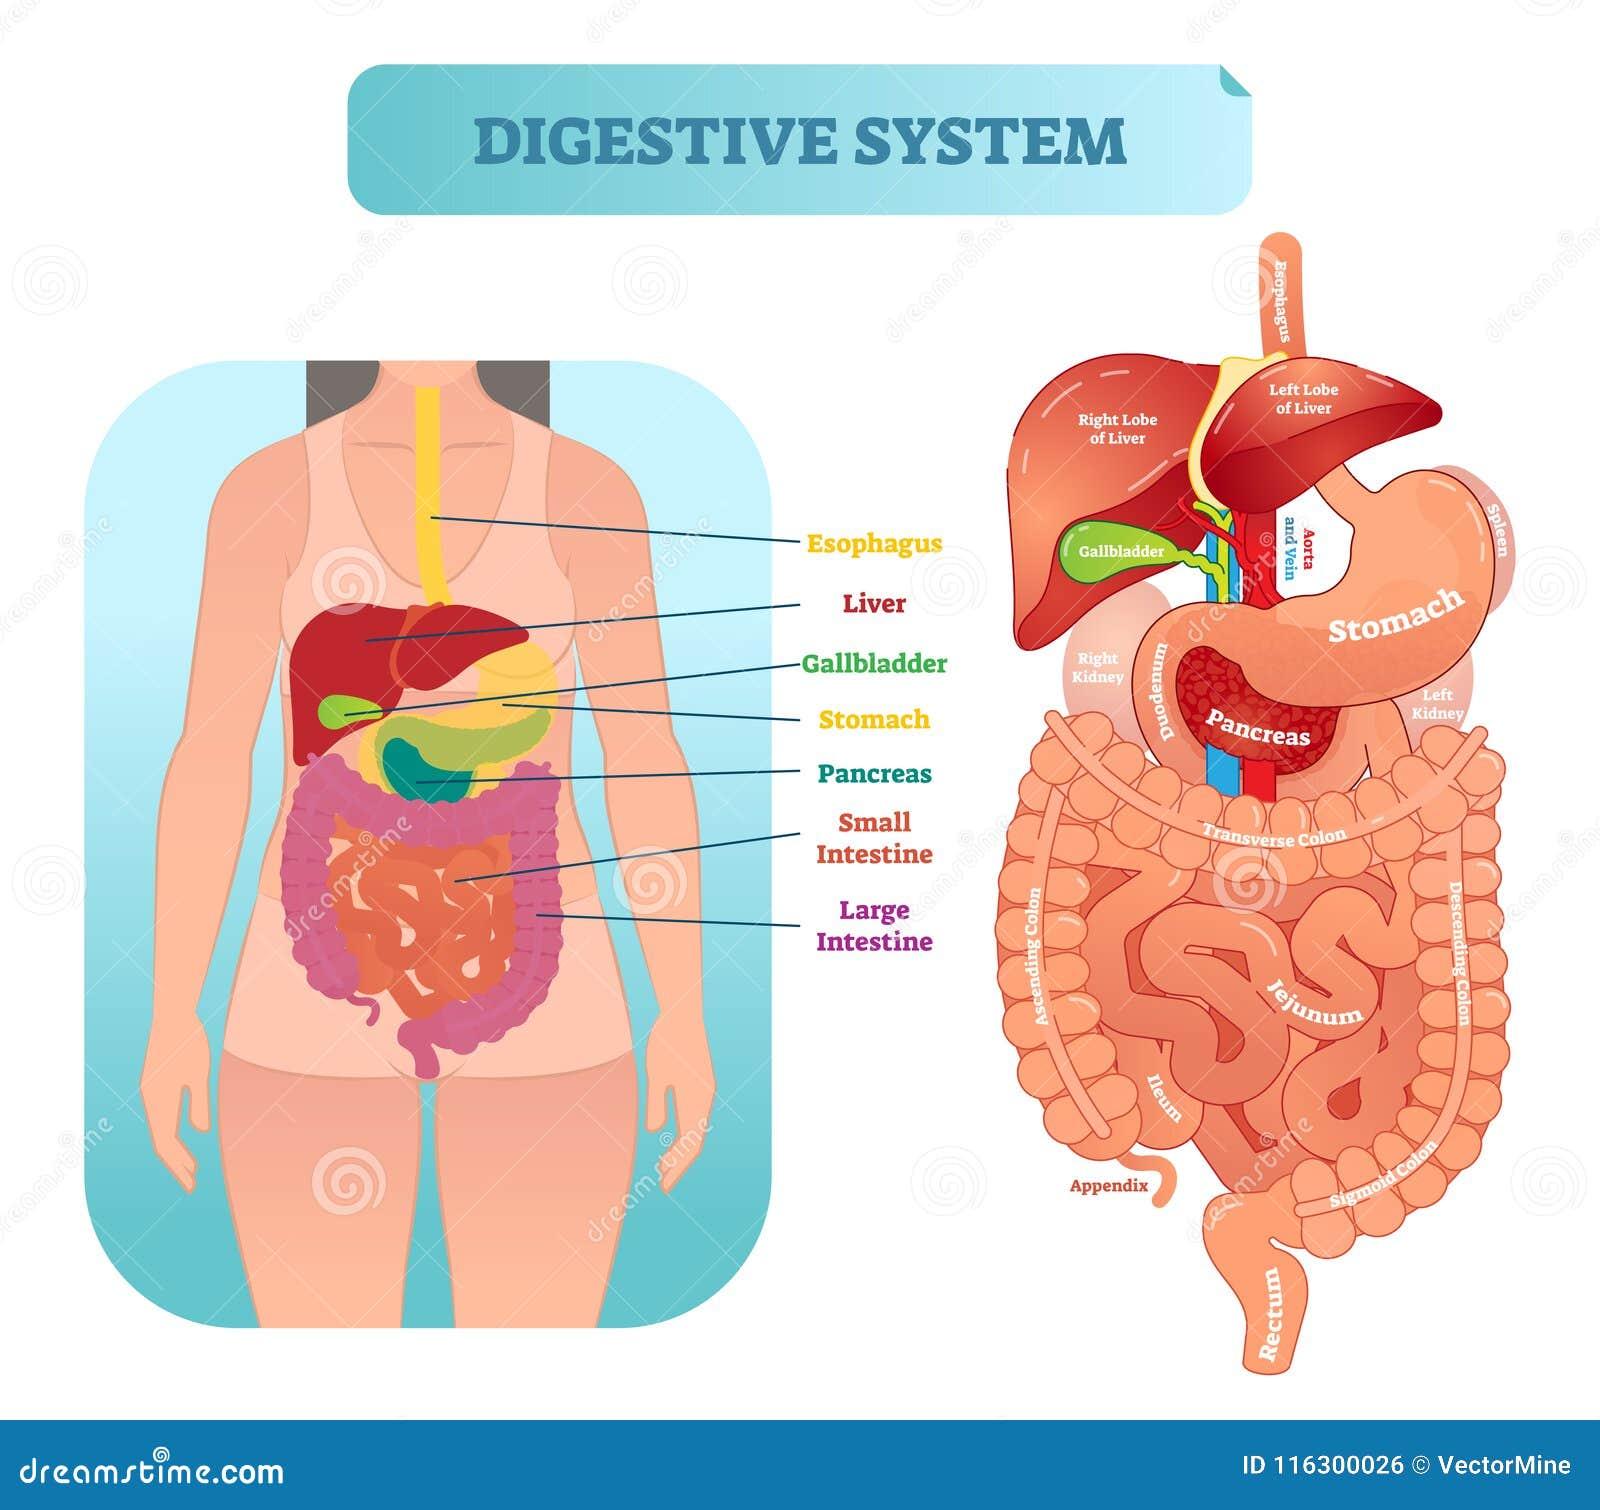 Asombroso Sistema Digestivo Etiquetado Hoja De Trabajo Imagen ...